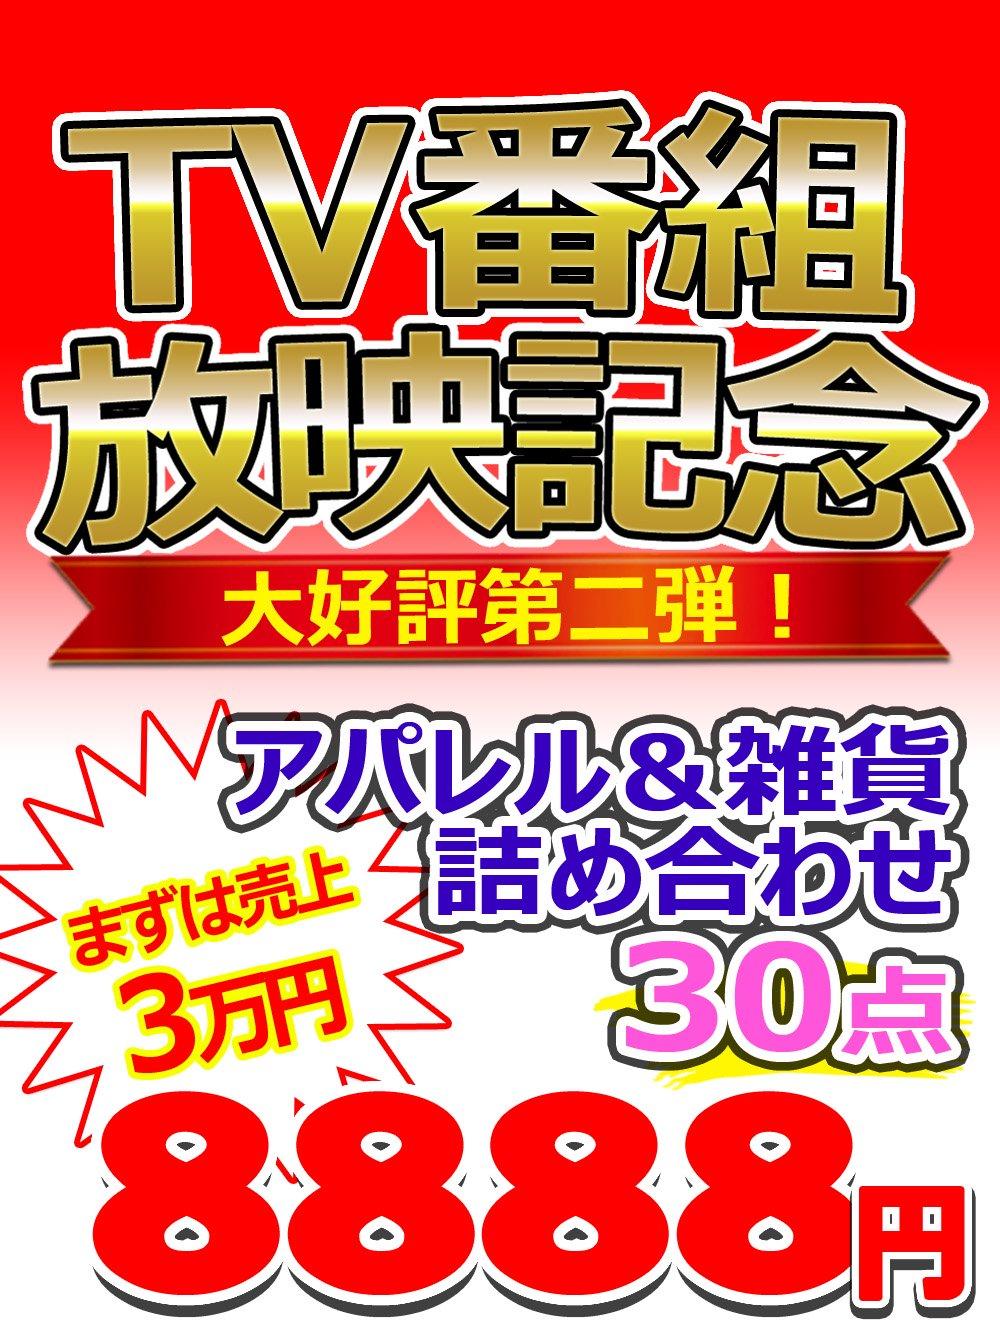 大反響!テレビ番組放映記念第2弾!まずは売上3万円!アパレル&雑貨ALL詰め合わせ【30点】8888円